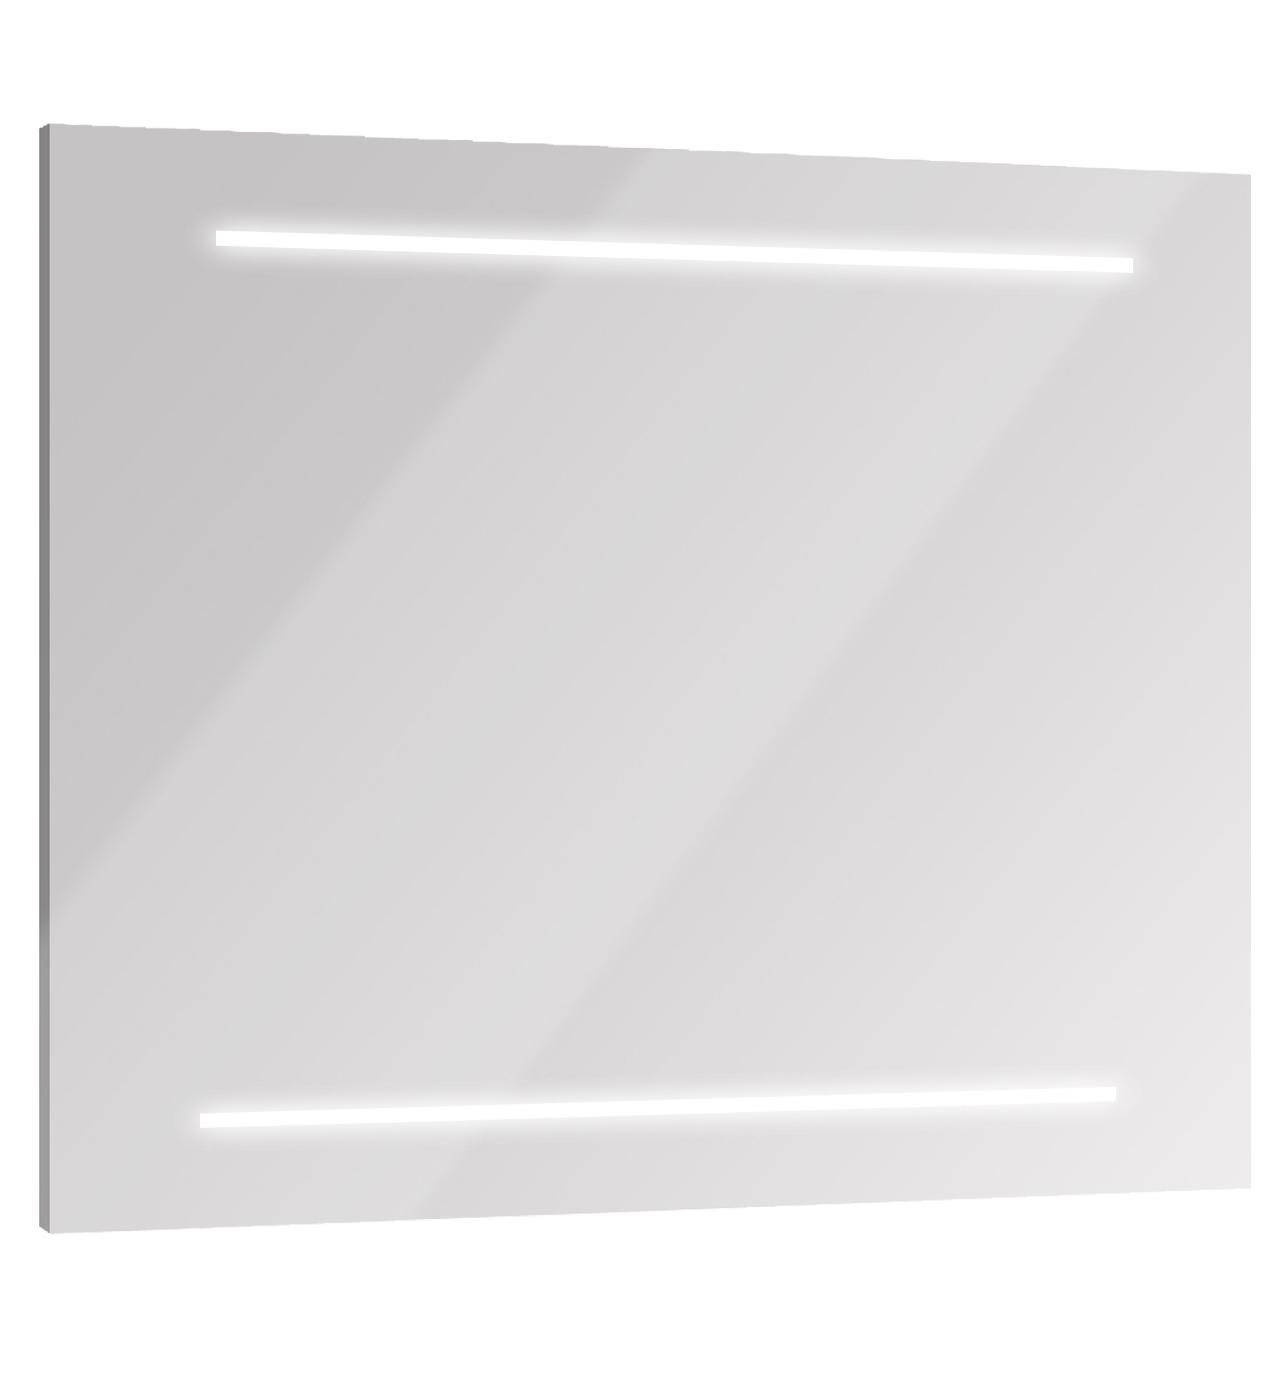 Selectionnez Vos Elements De Salle De Bain Miroir